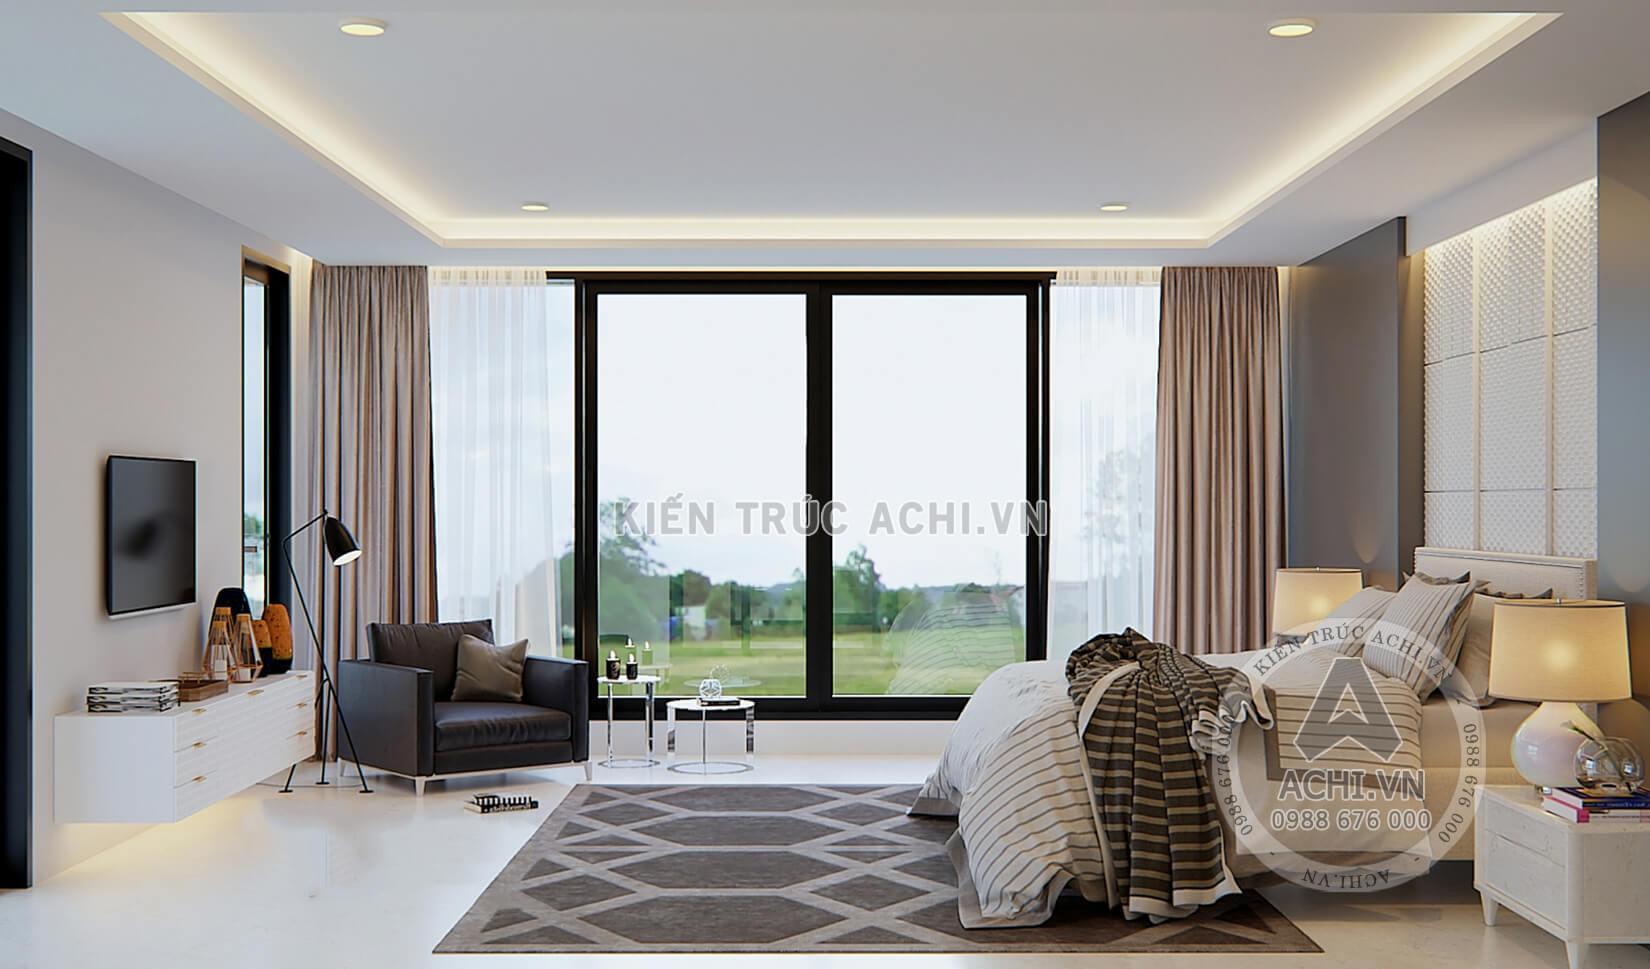 Thiết kế nội thất phòng ngủ mẫu nhà hiện đại 2 tầng mái Thái